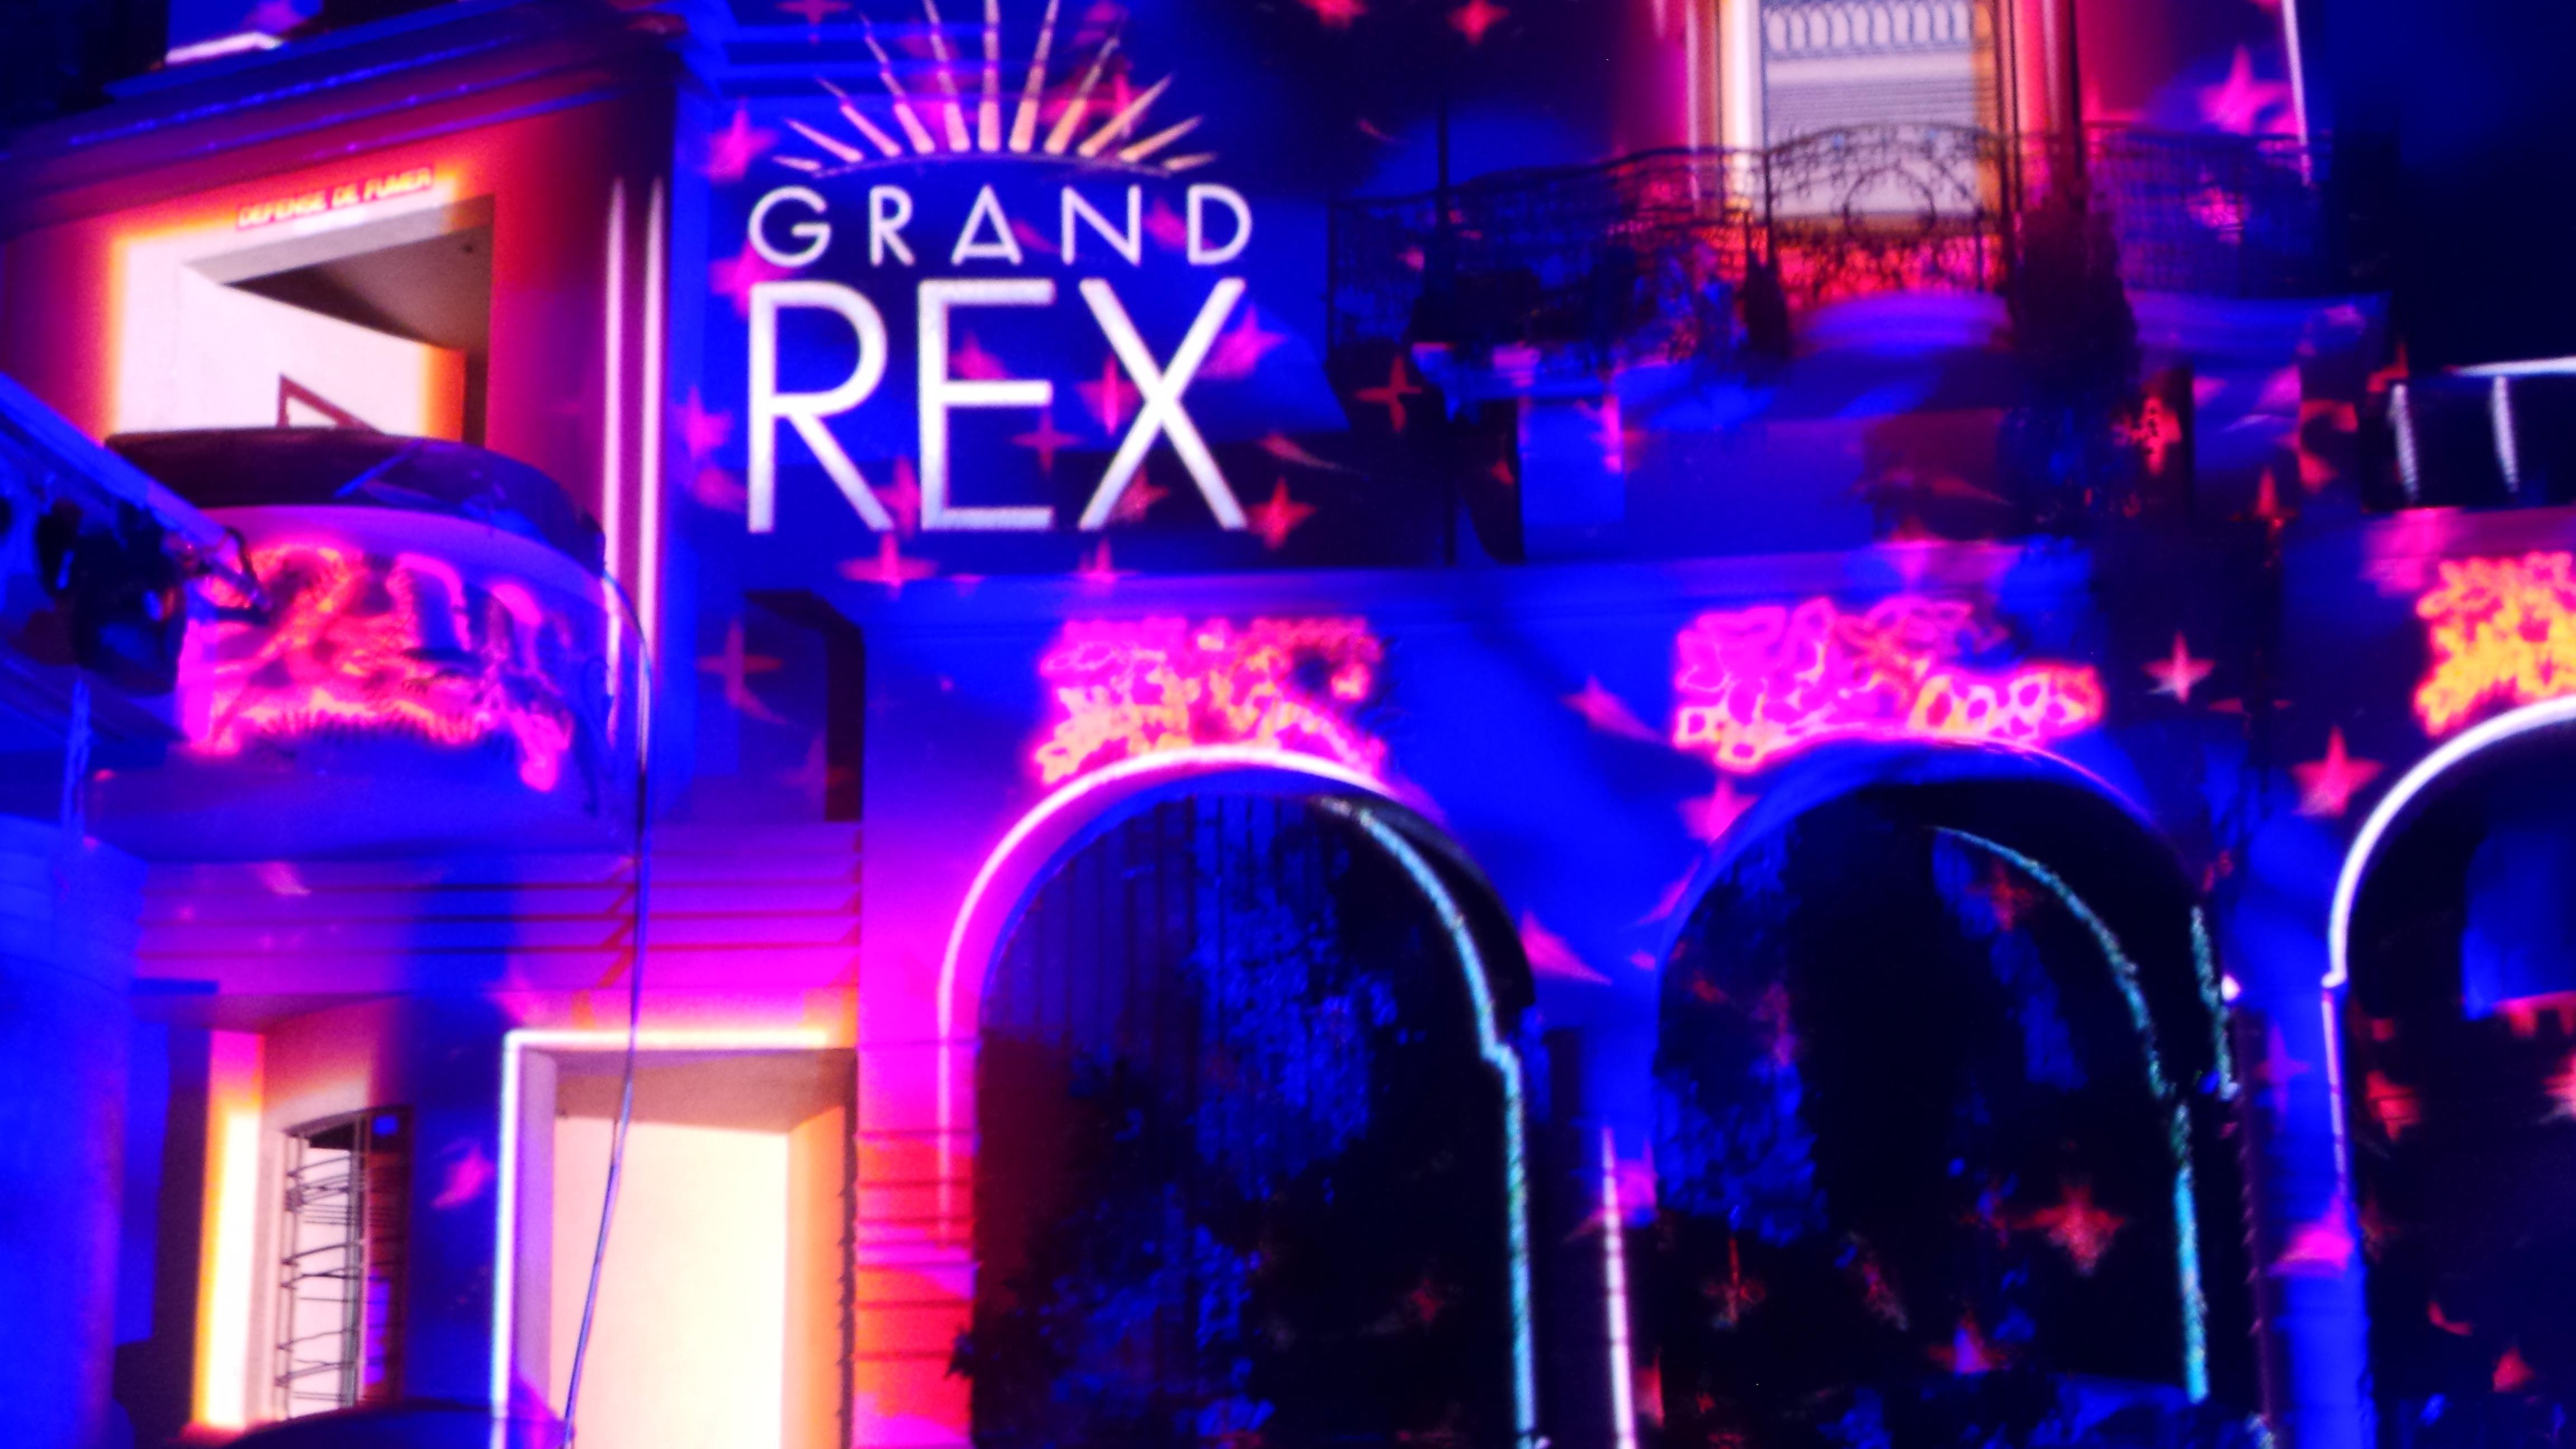 LA FÉÉRIE DES EAUX Le Grand Rex 2015 LE VOYAGE D'ARLO - 20151212_190120